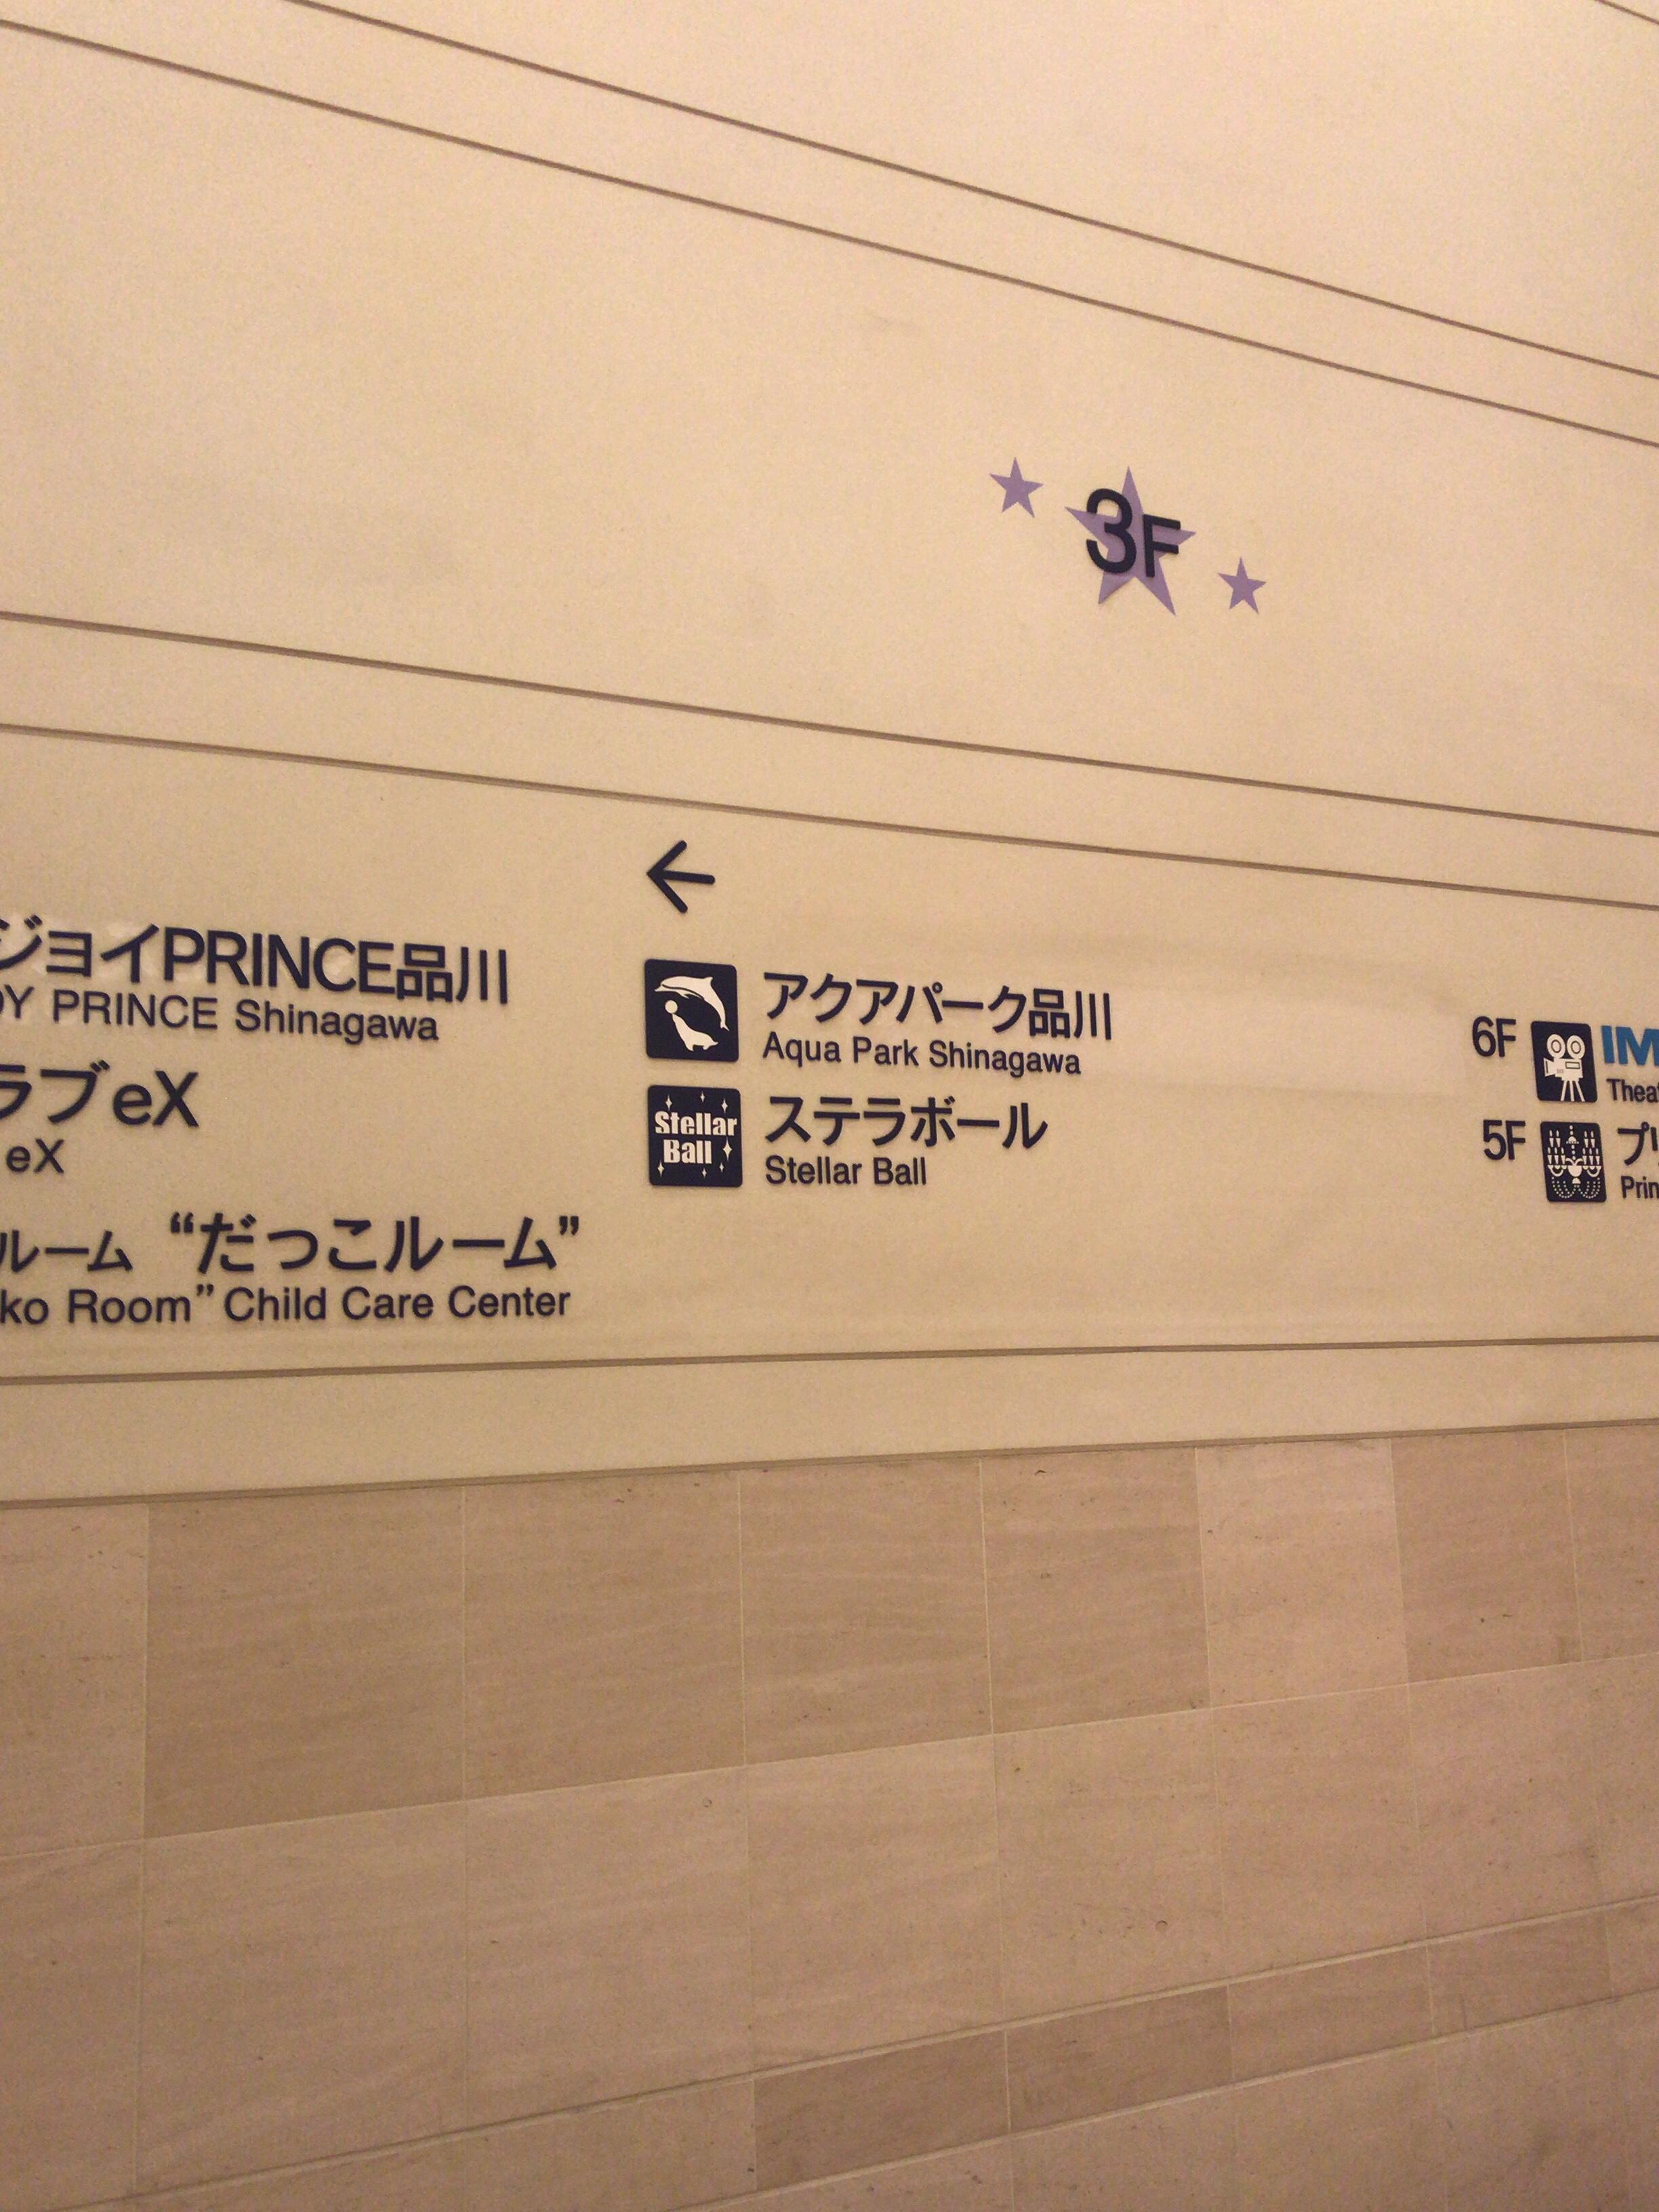 エレベーターを降りると、館内至る所に表示があるので、それに従って進みます